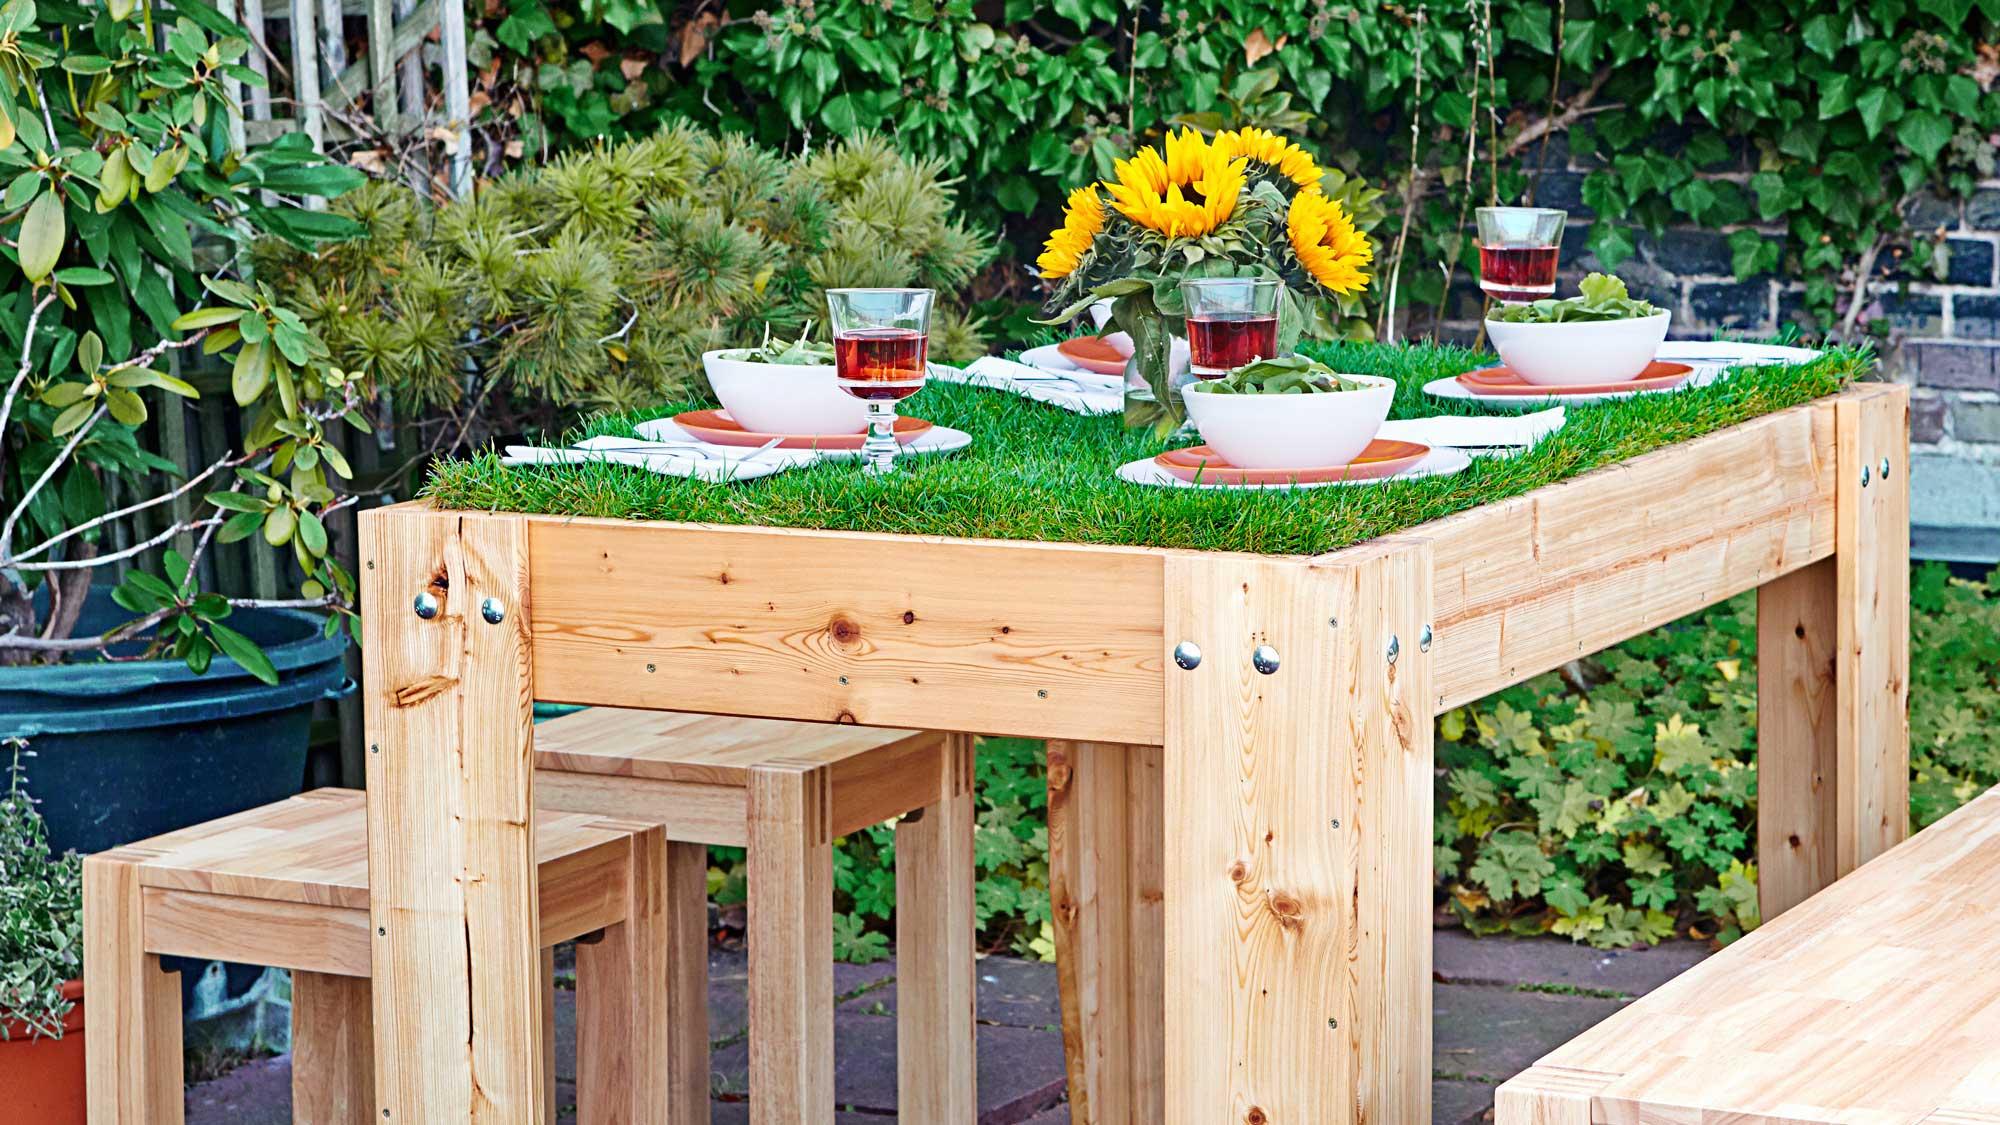 Tavolo pic nic in legno con top in erba | Costruzione fai da te